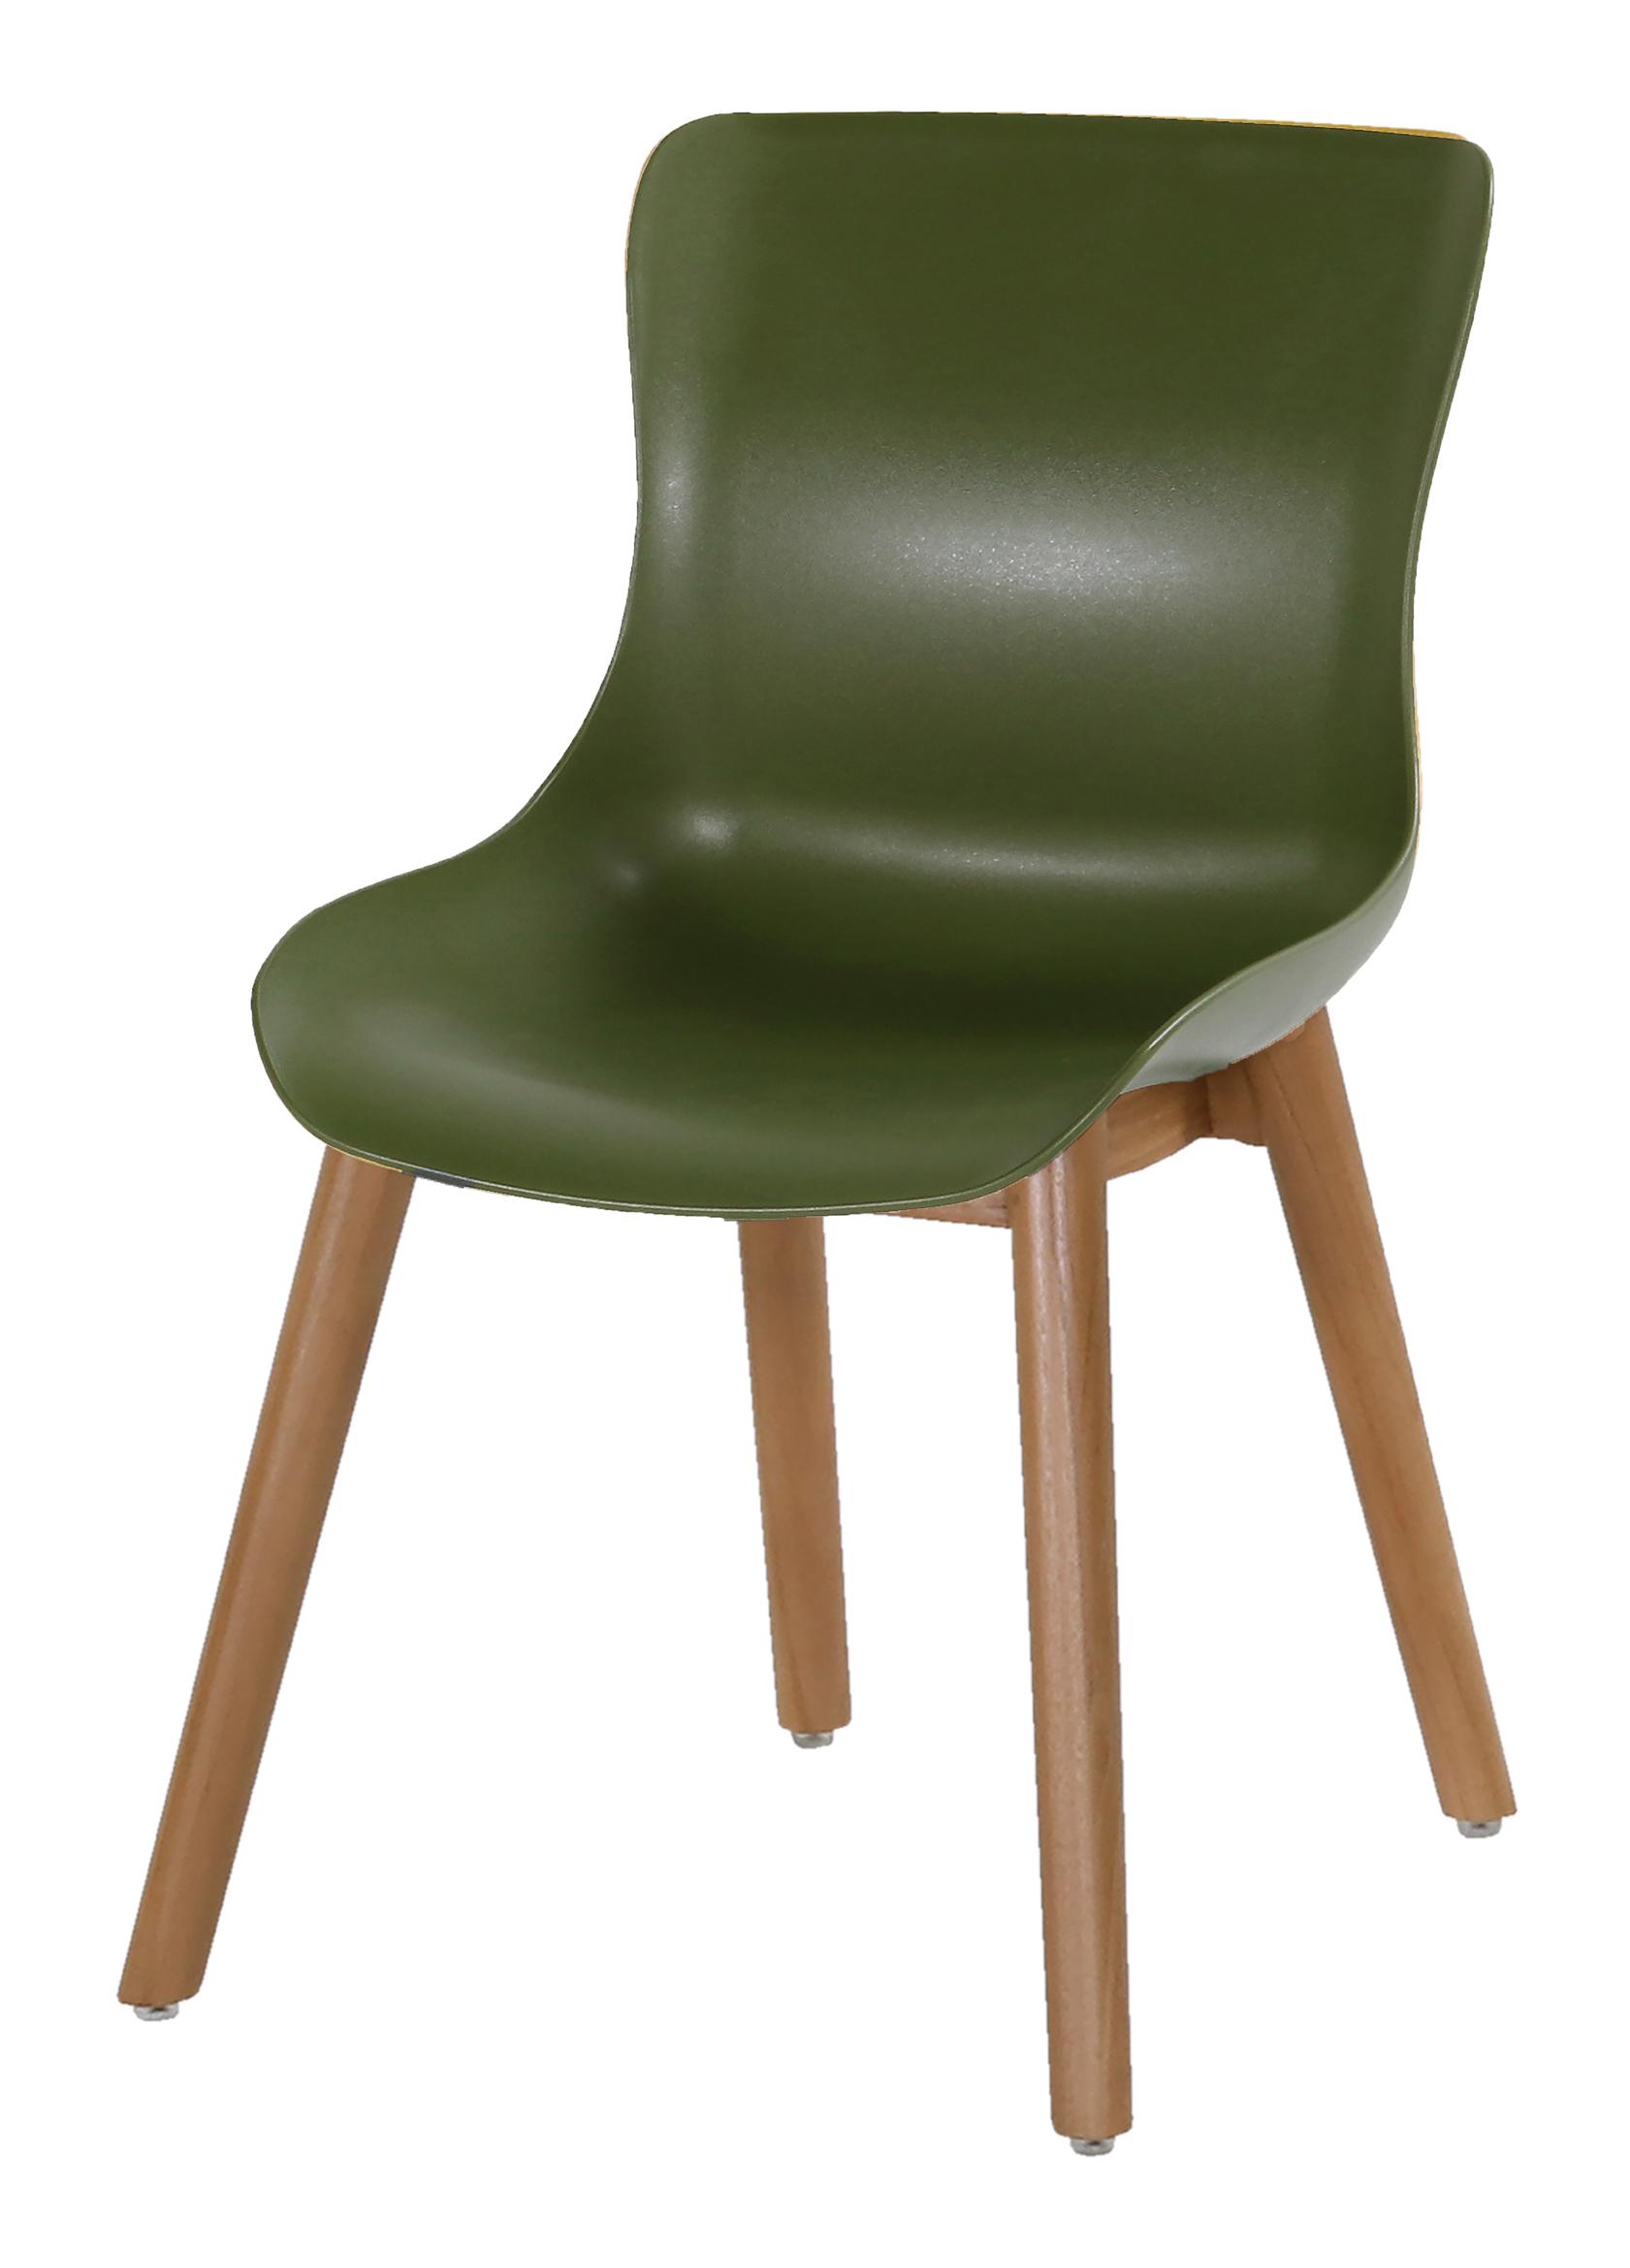 Hartman Tuinstoel 'Sophie Teak', kleur Groen